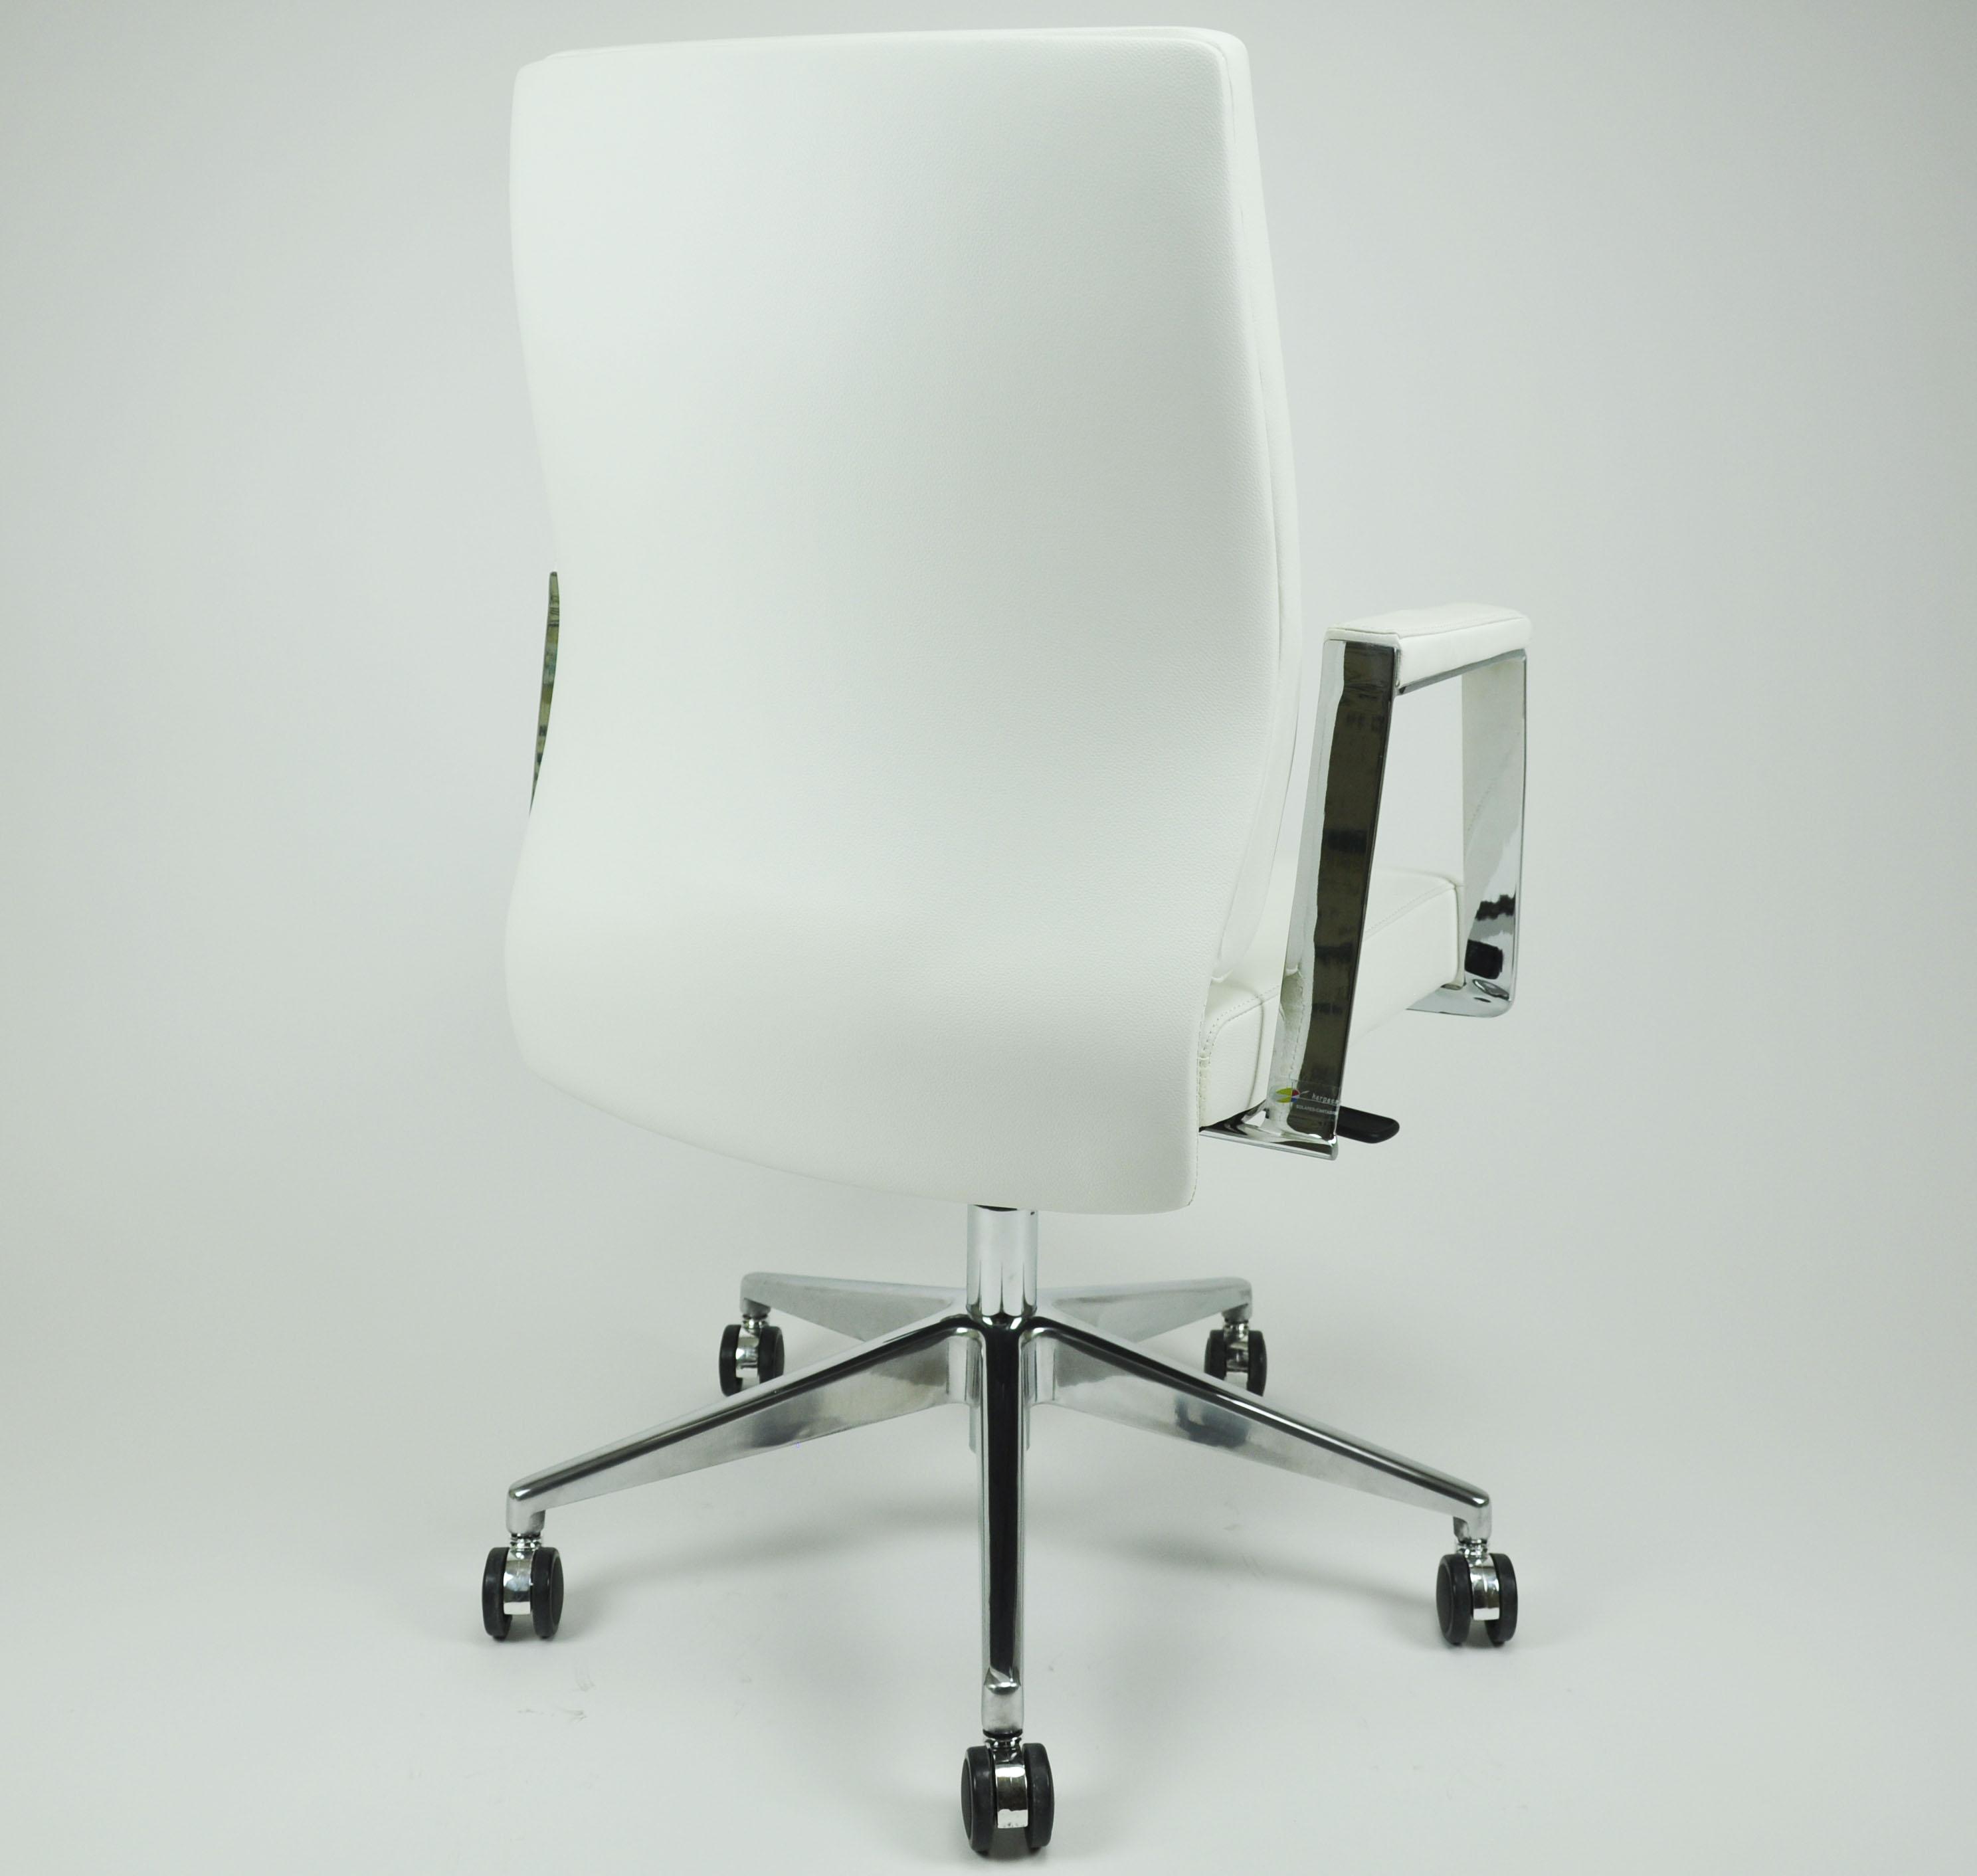 BOTIN-bajo-2 Sillería  - Mobiliario de Oficina